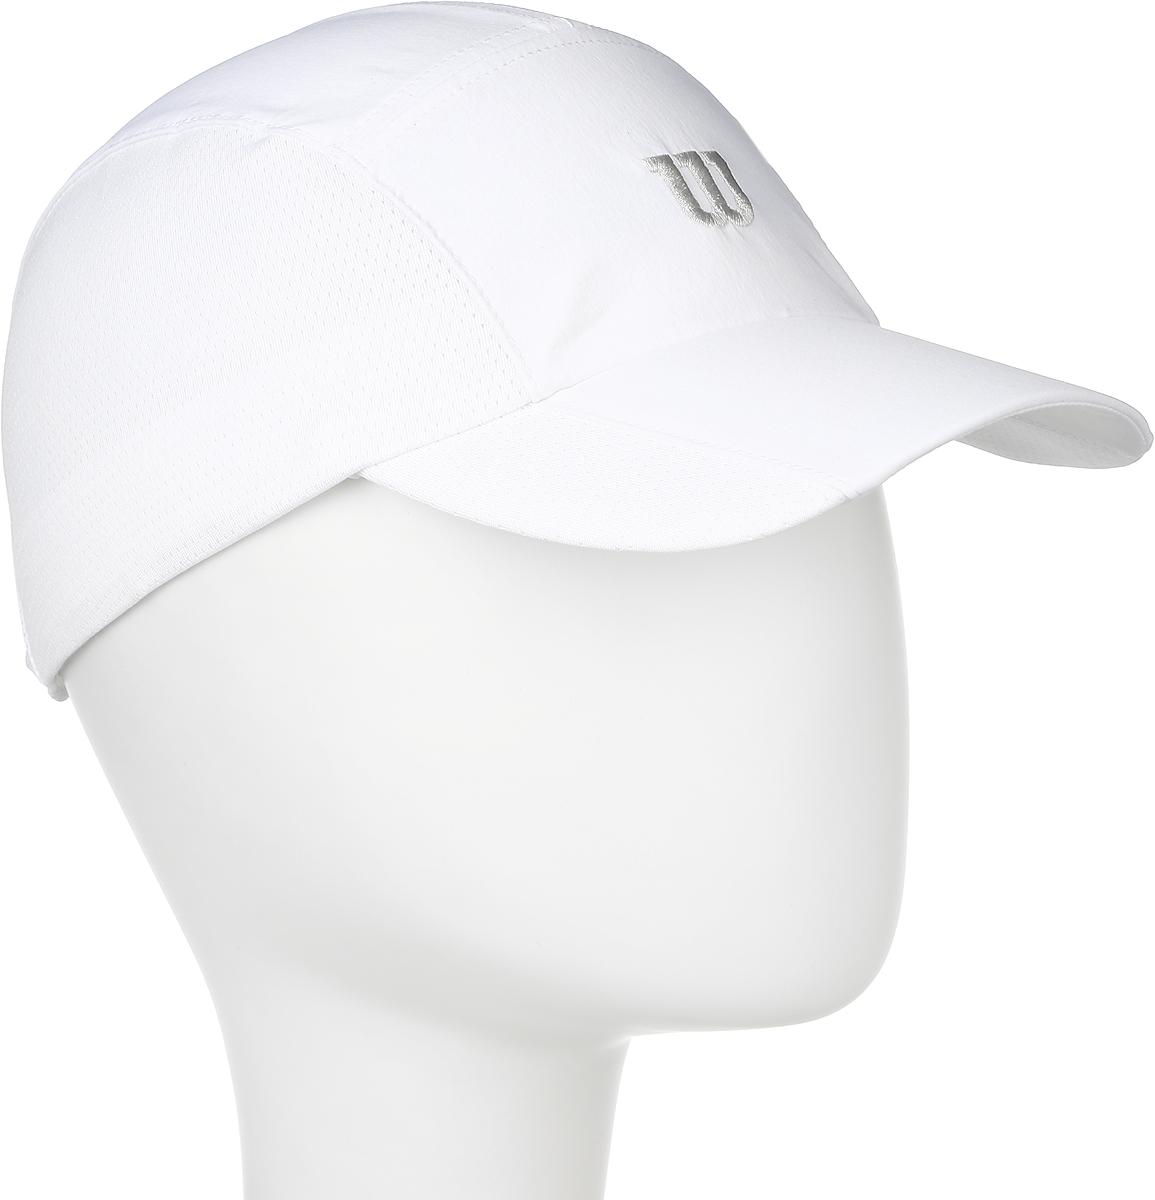 Бейсболка для тенниса Wilson Rush Stretch Woven Cap, цвет: белый. WR5004100. Размер универсальныйWR5004100Бейсболка Wilson является отличным аксессуаром для занятий спортом. Удобная и практичная, она обеспечит вам надежную защиту от неблагоприятных погодных условий. Вентиляционные отверстия и эластичный край для комфортной посадки.